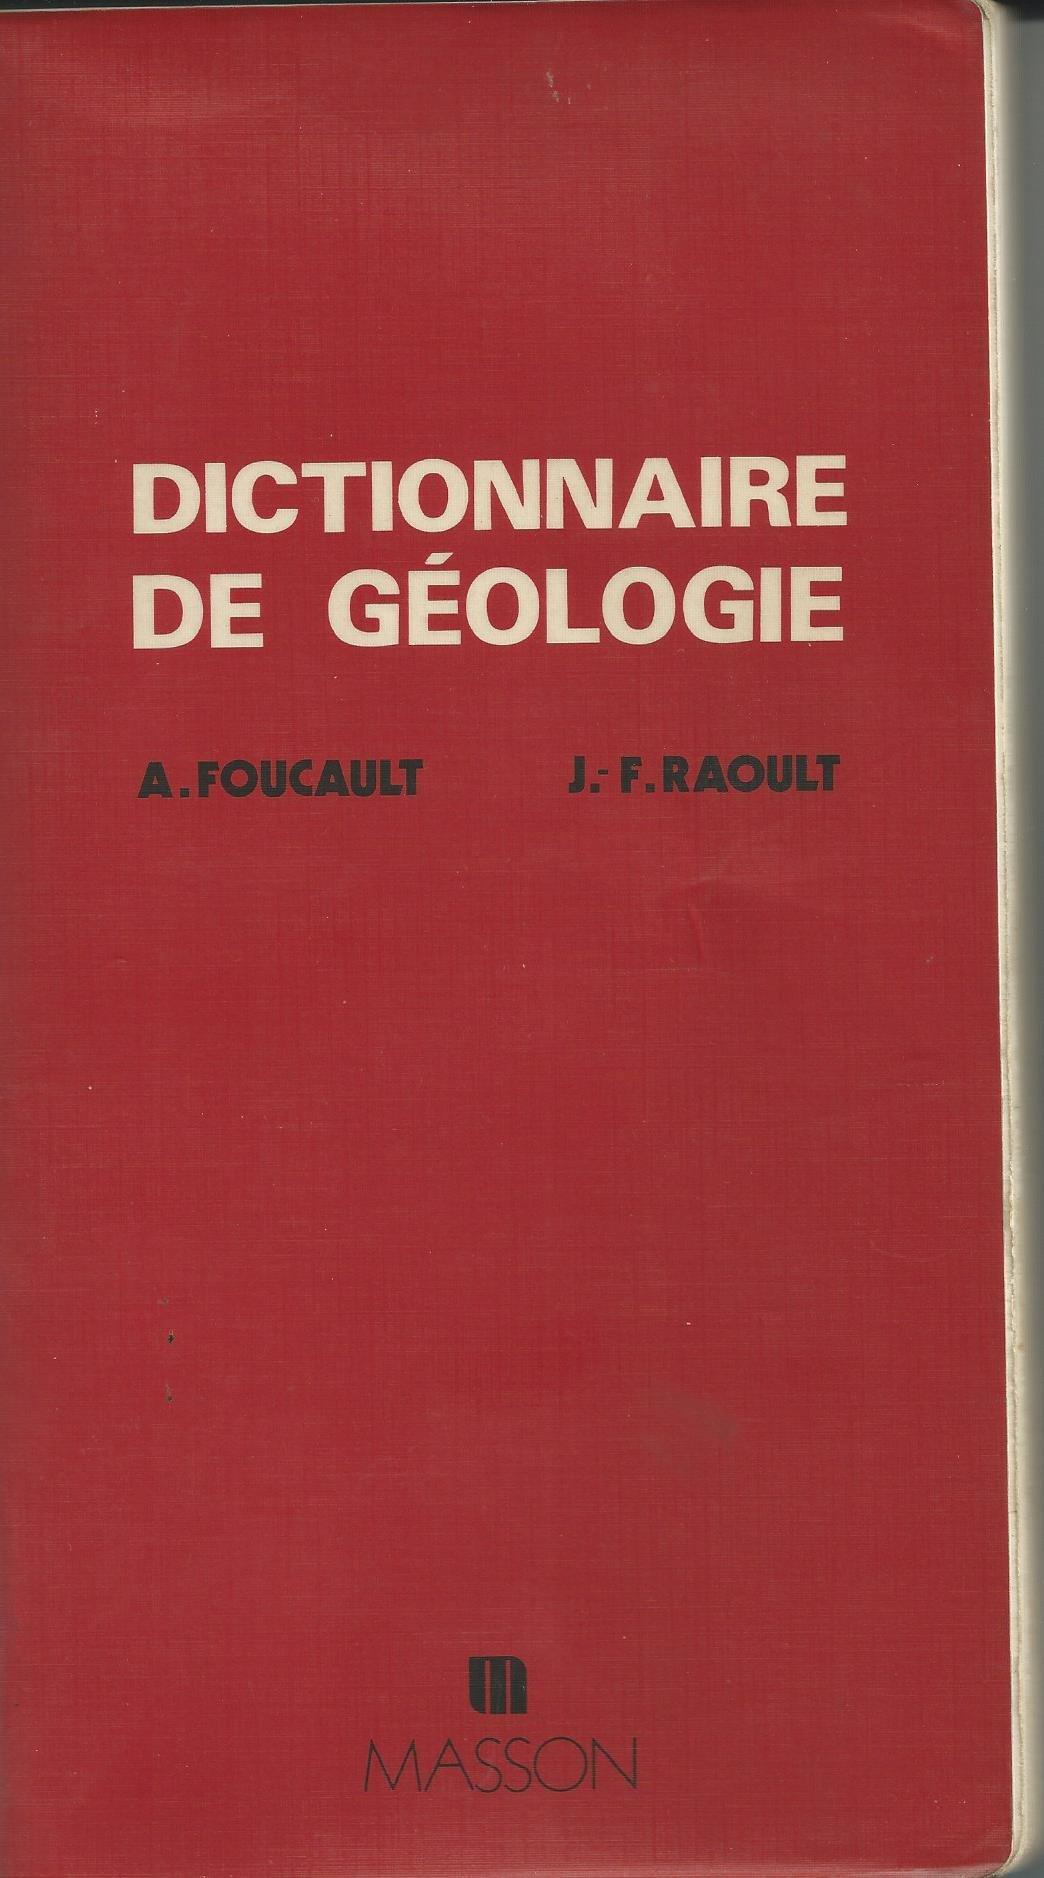 Q.H.S. - quartier De Haute sécurité Relié – 1980 Roger Knobelspiess Masson 2225654611